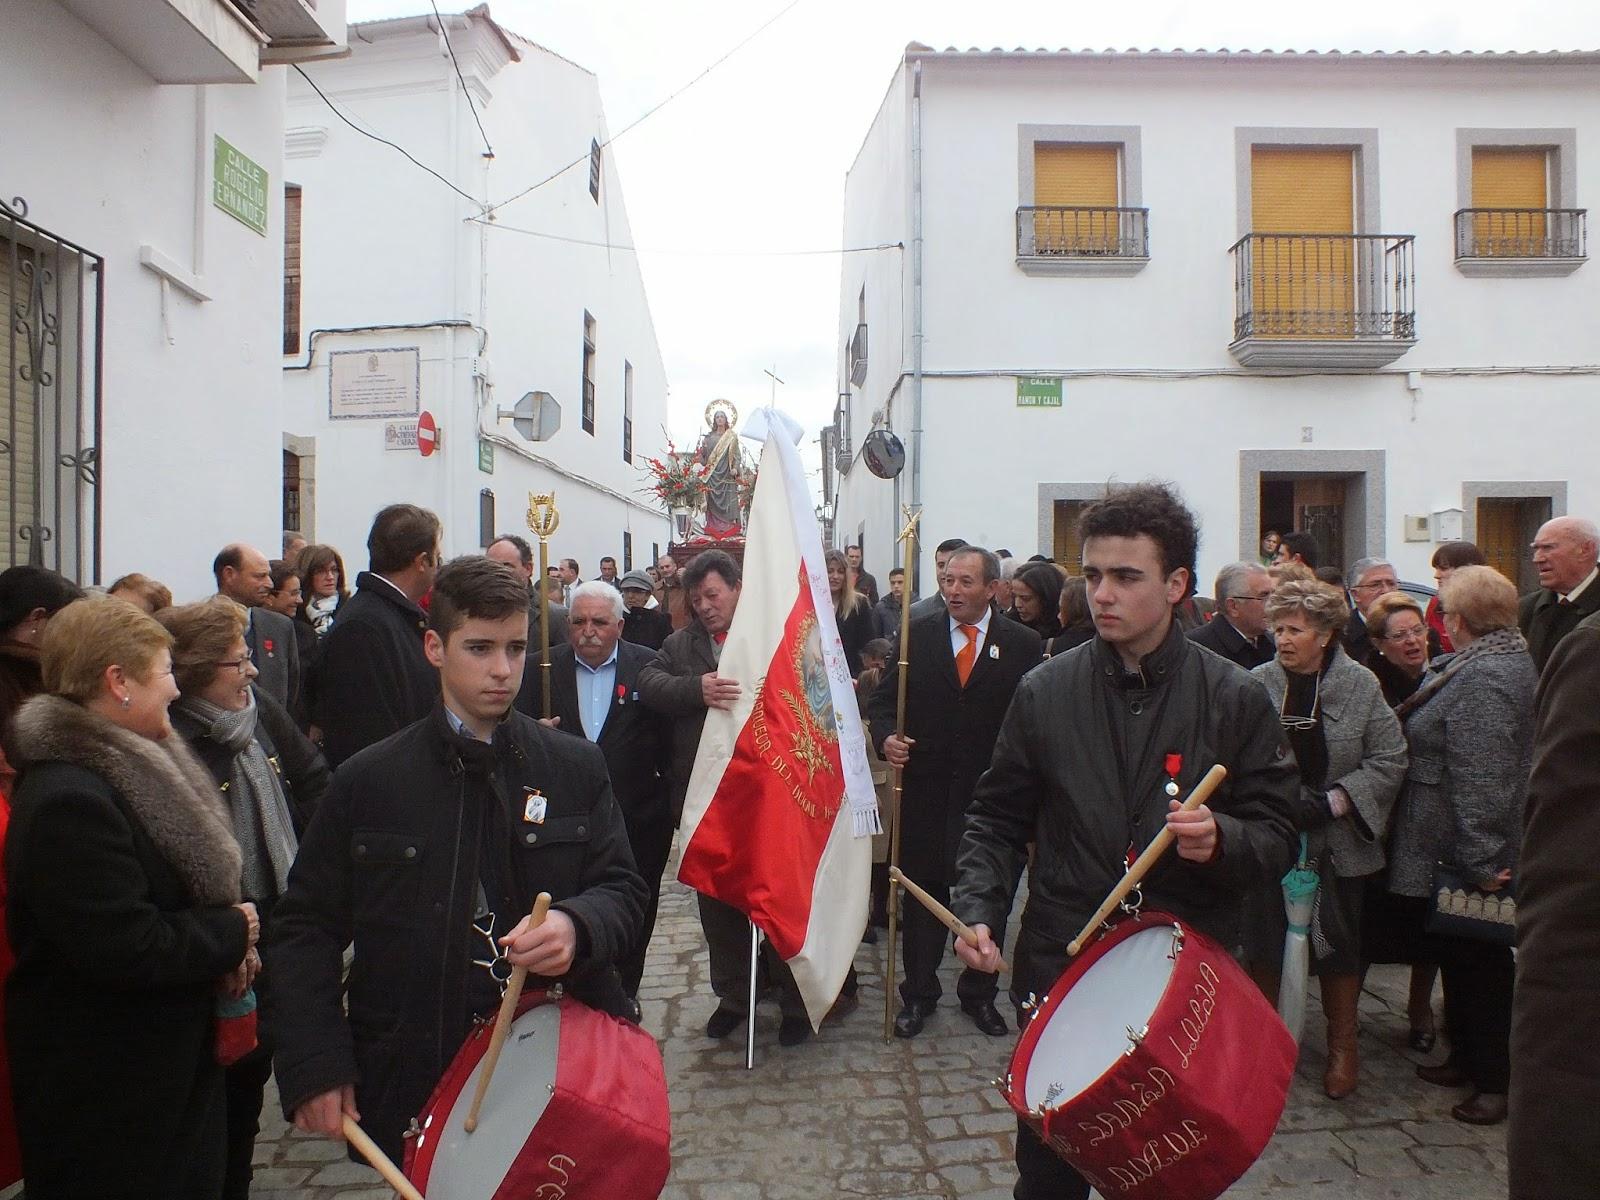 Parroquia san mateo santa lucia 2014 en villanueva del duque for Villanueva del duque